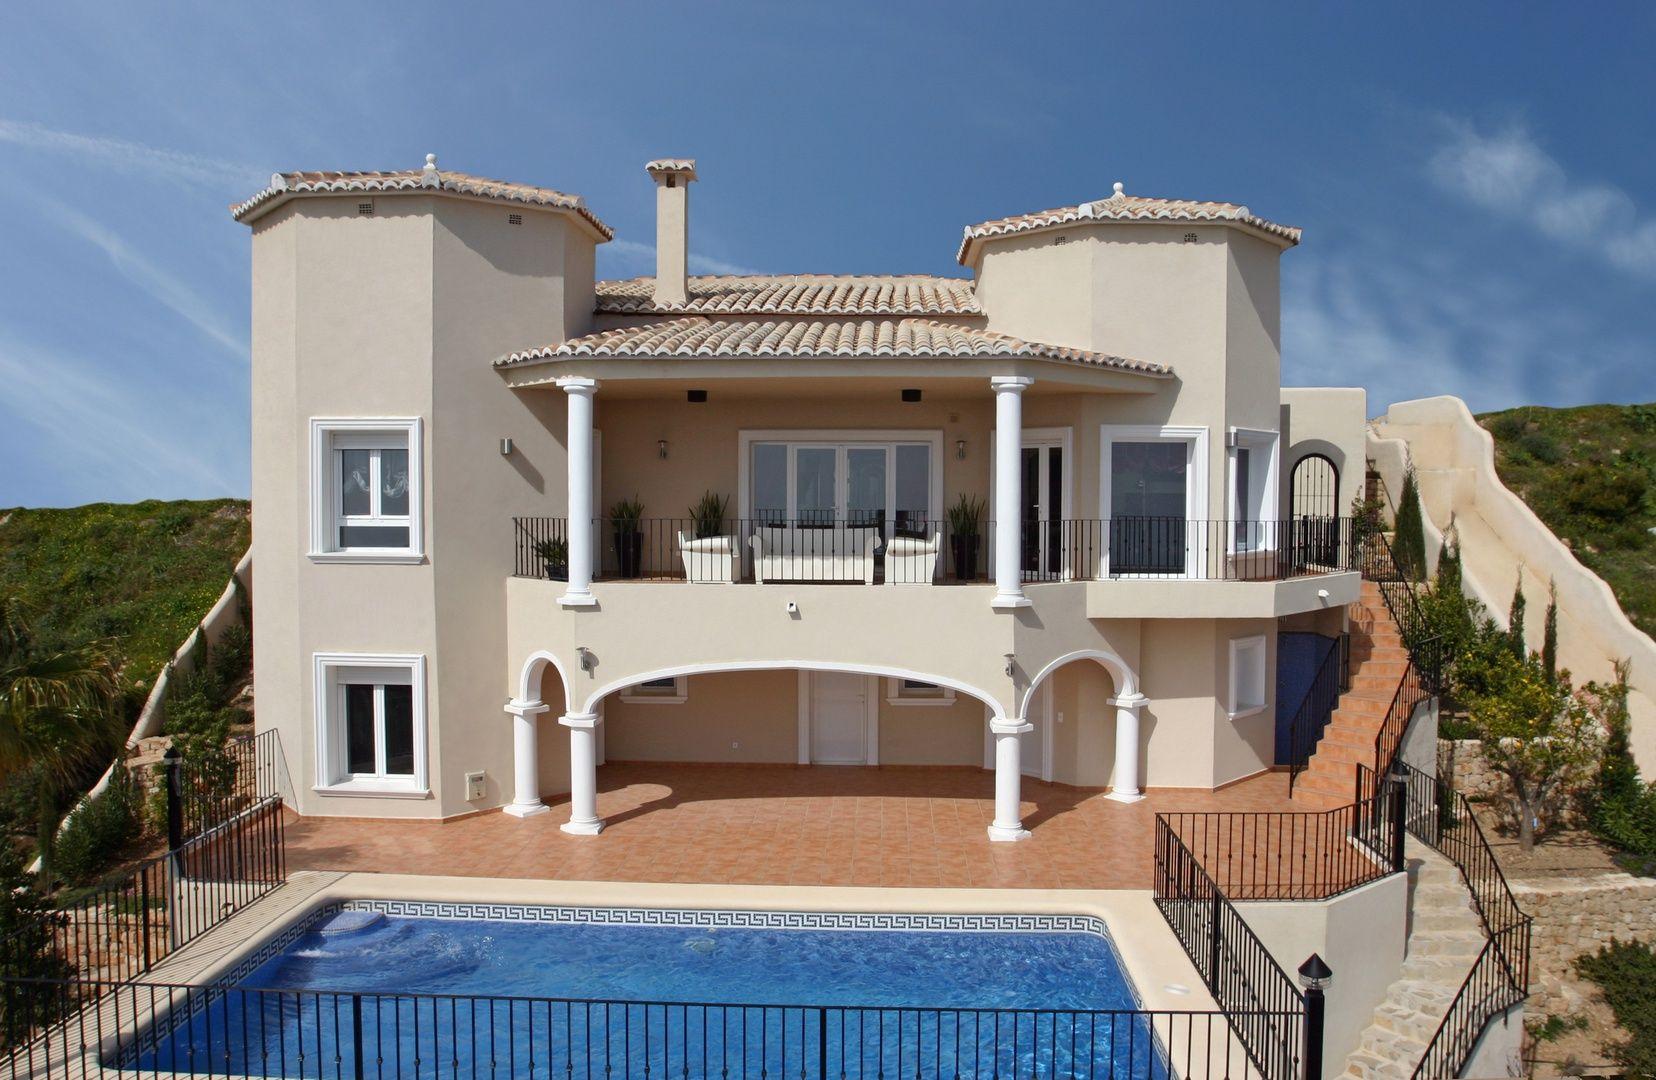 Luxury Villa in Benitachell, Cumbre del Sol, for sale